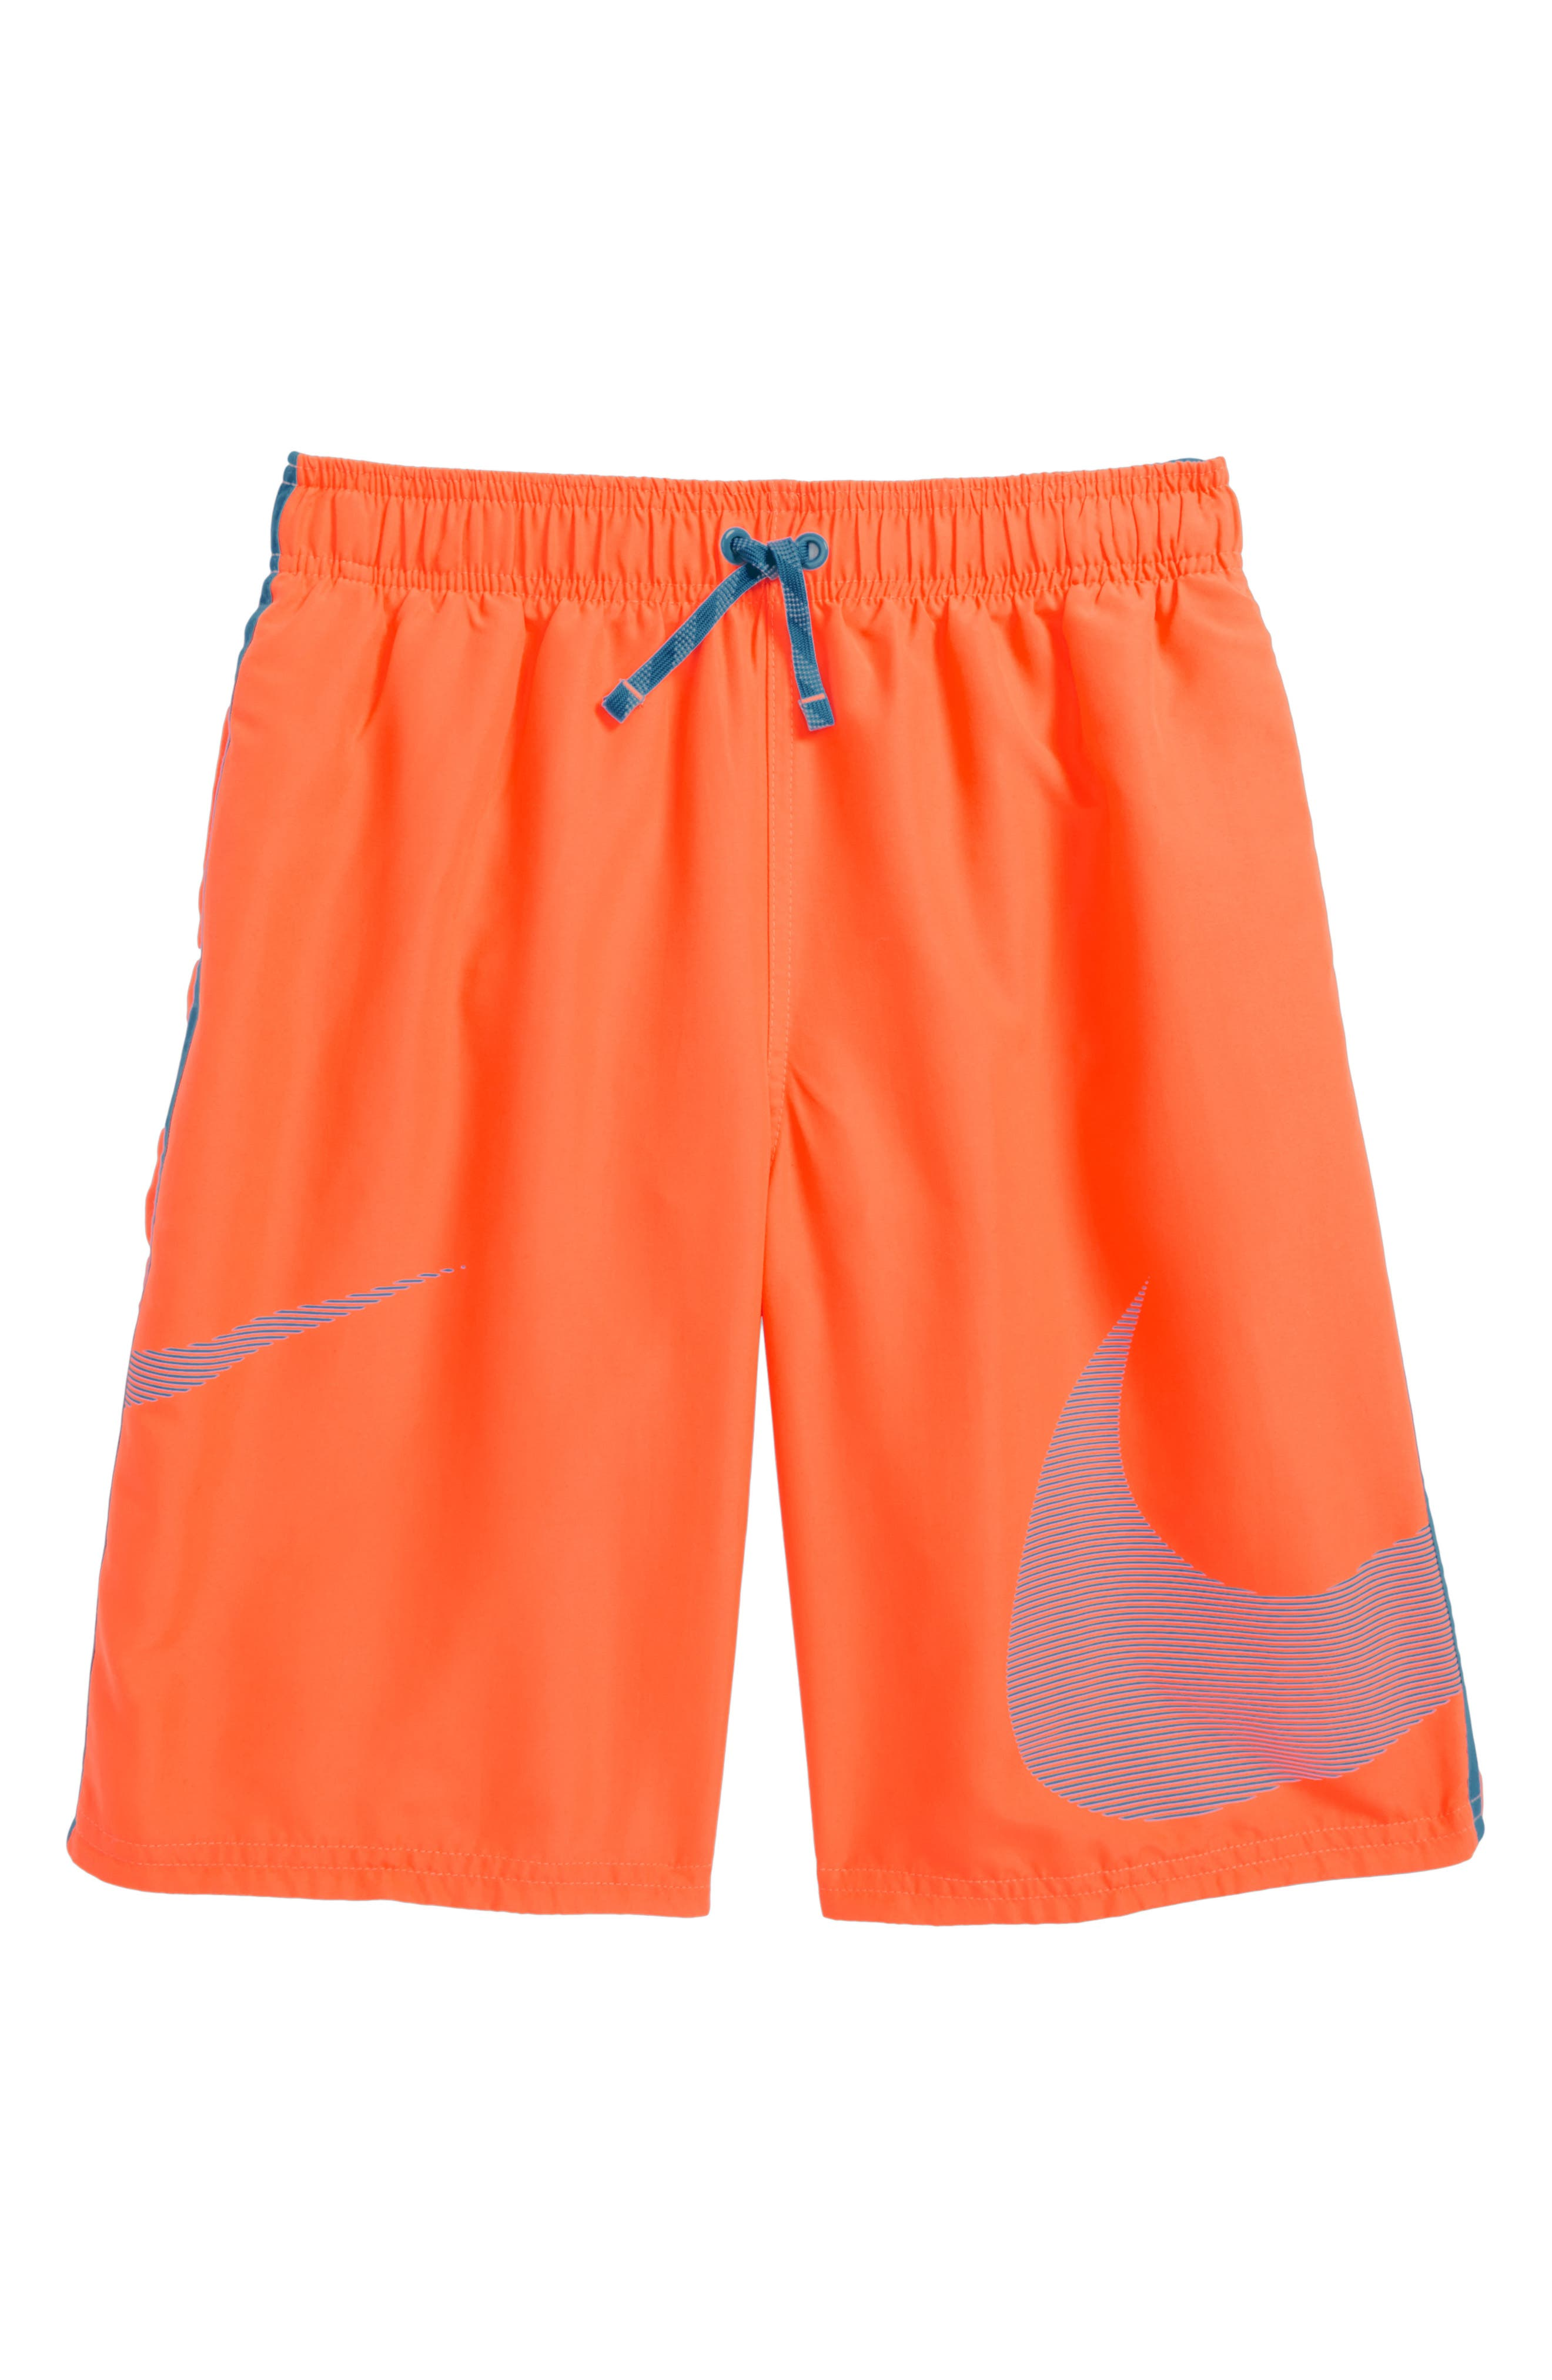 Diverge Volley Shorts,                             Main thumbnail 6, color,